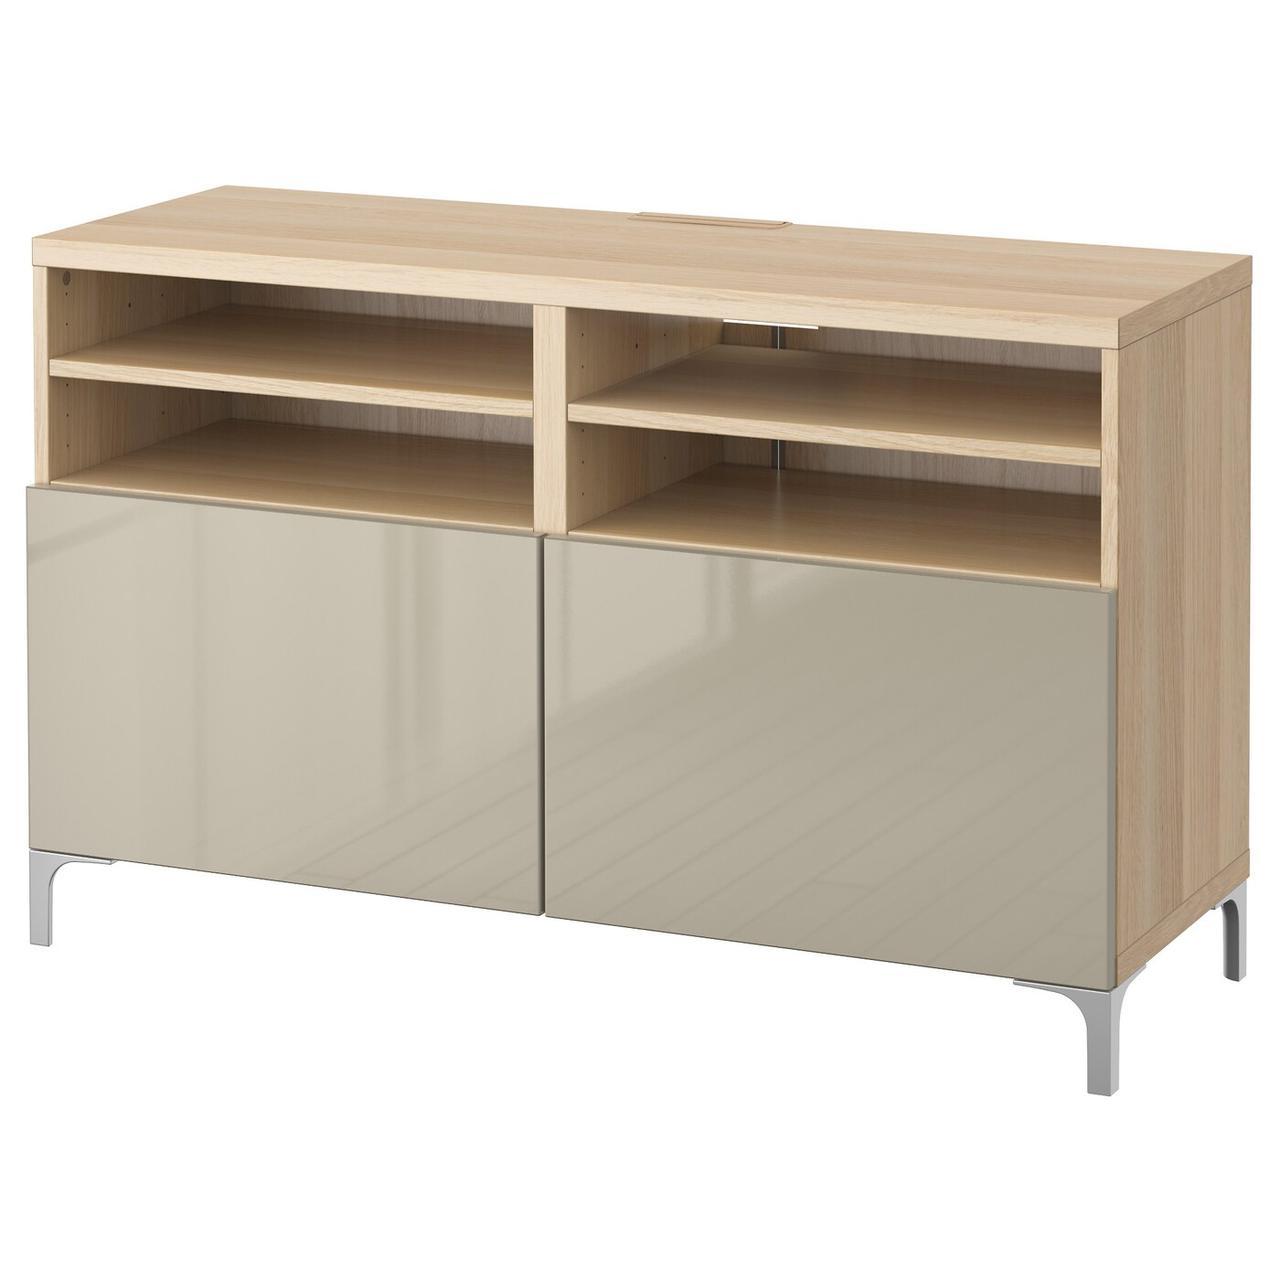 IKEA BESTÅ Тумба под ТВ с дверцами 120x42x74 см